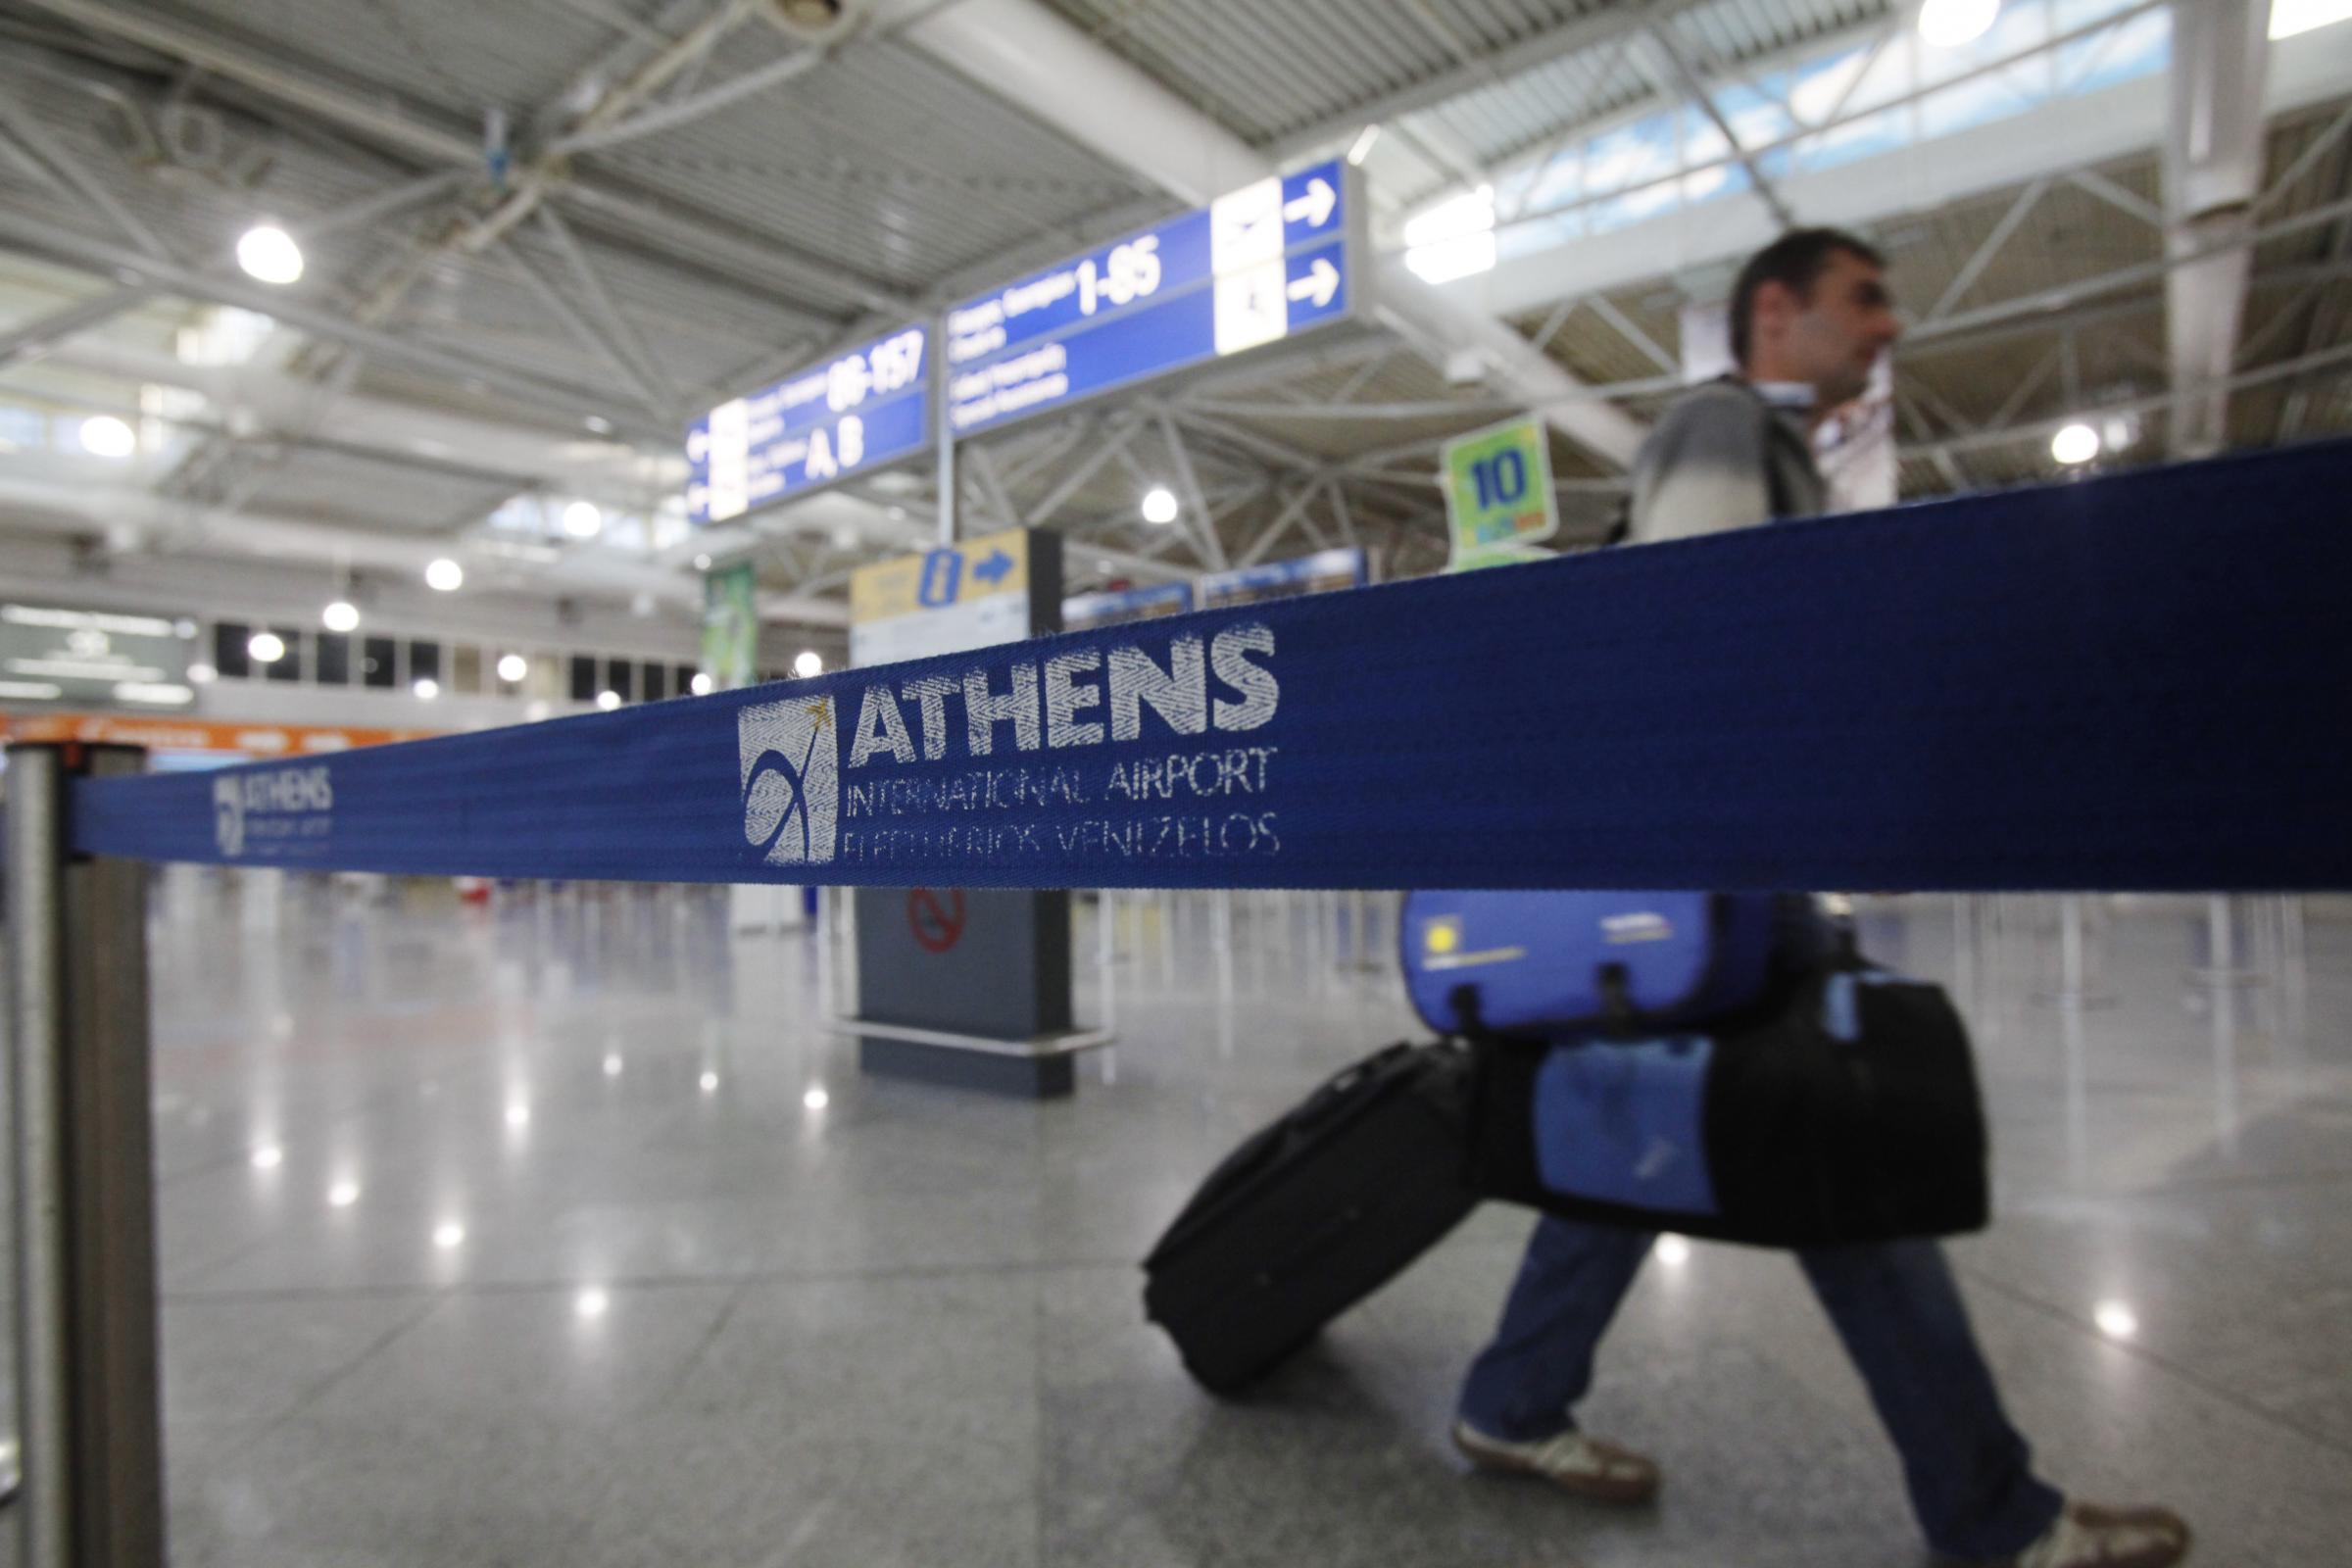 Aeroporto Atene : L aeroporto di atene assume giovani il compenso